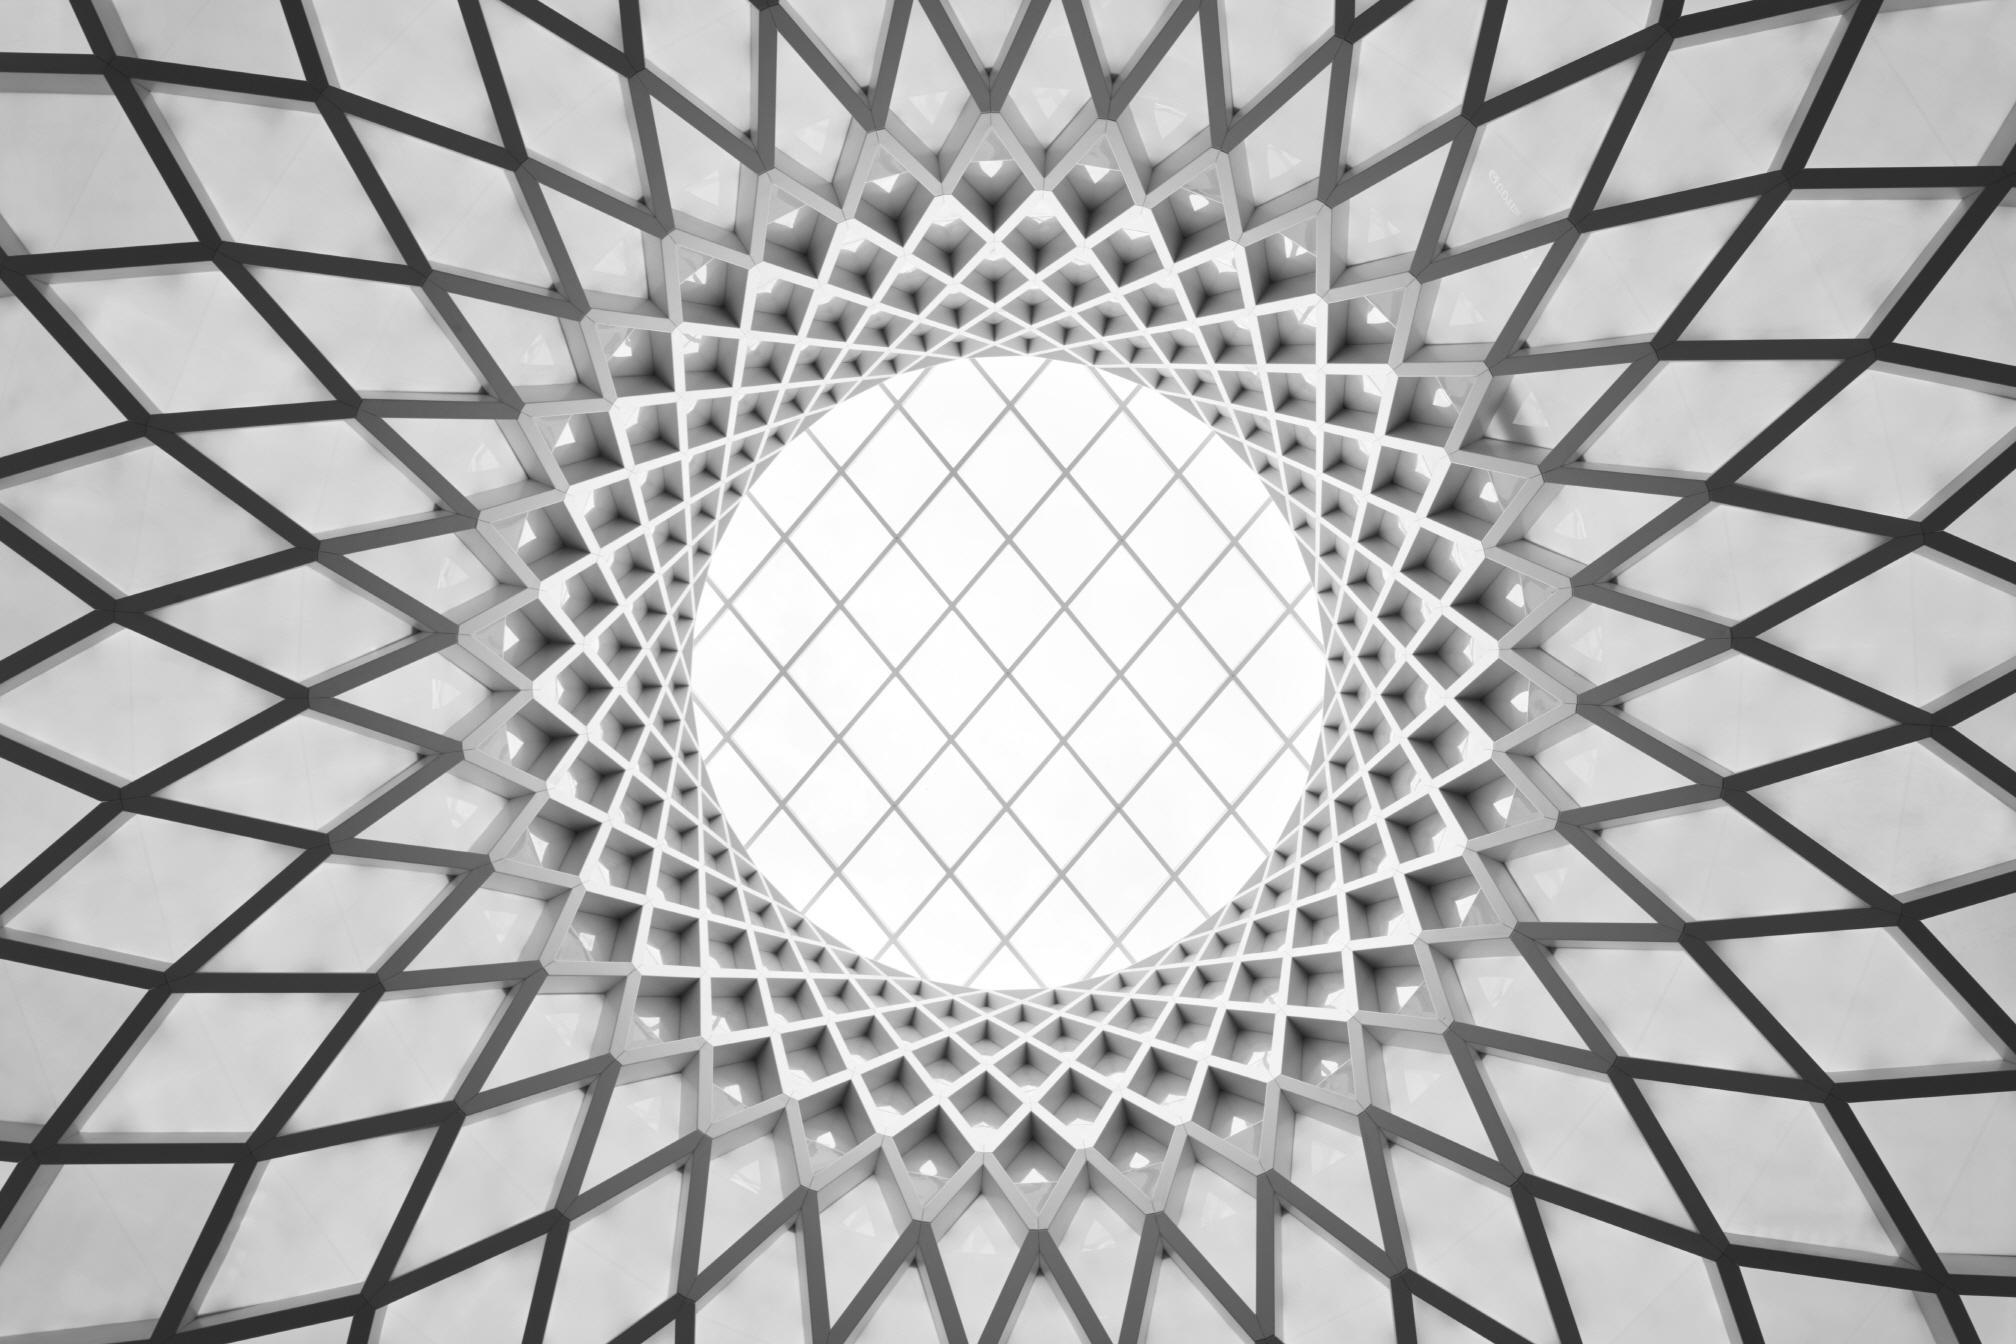 〔안정원의 건축 칼럼〕 지역의 맥락성을 고려한 입체적인 파사드와 다이어그리드 패턴 공간 3